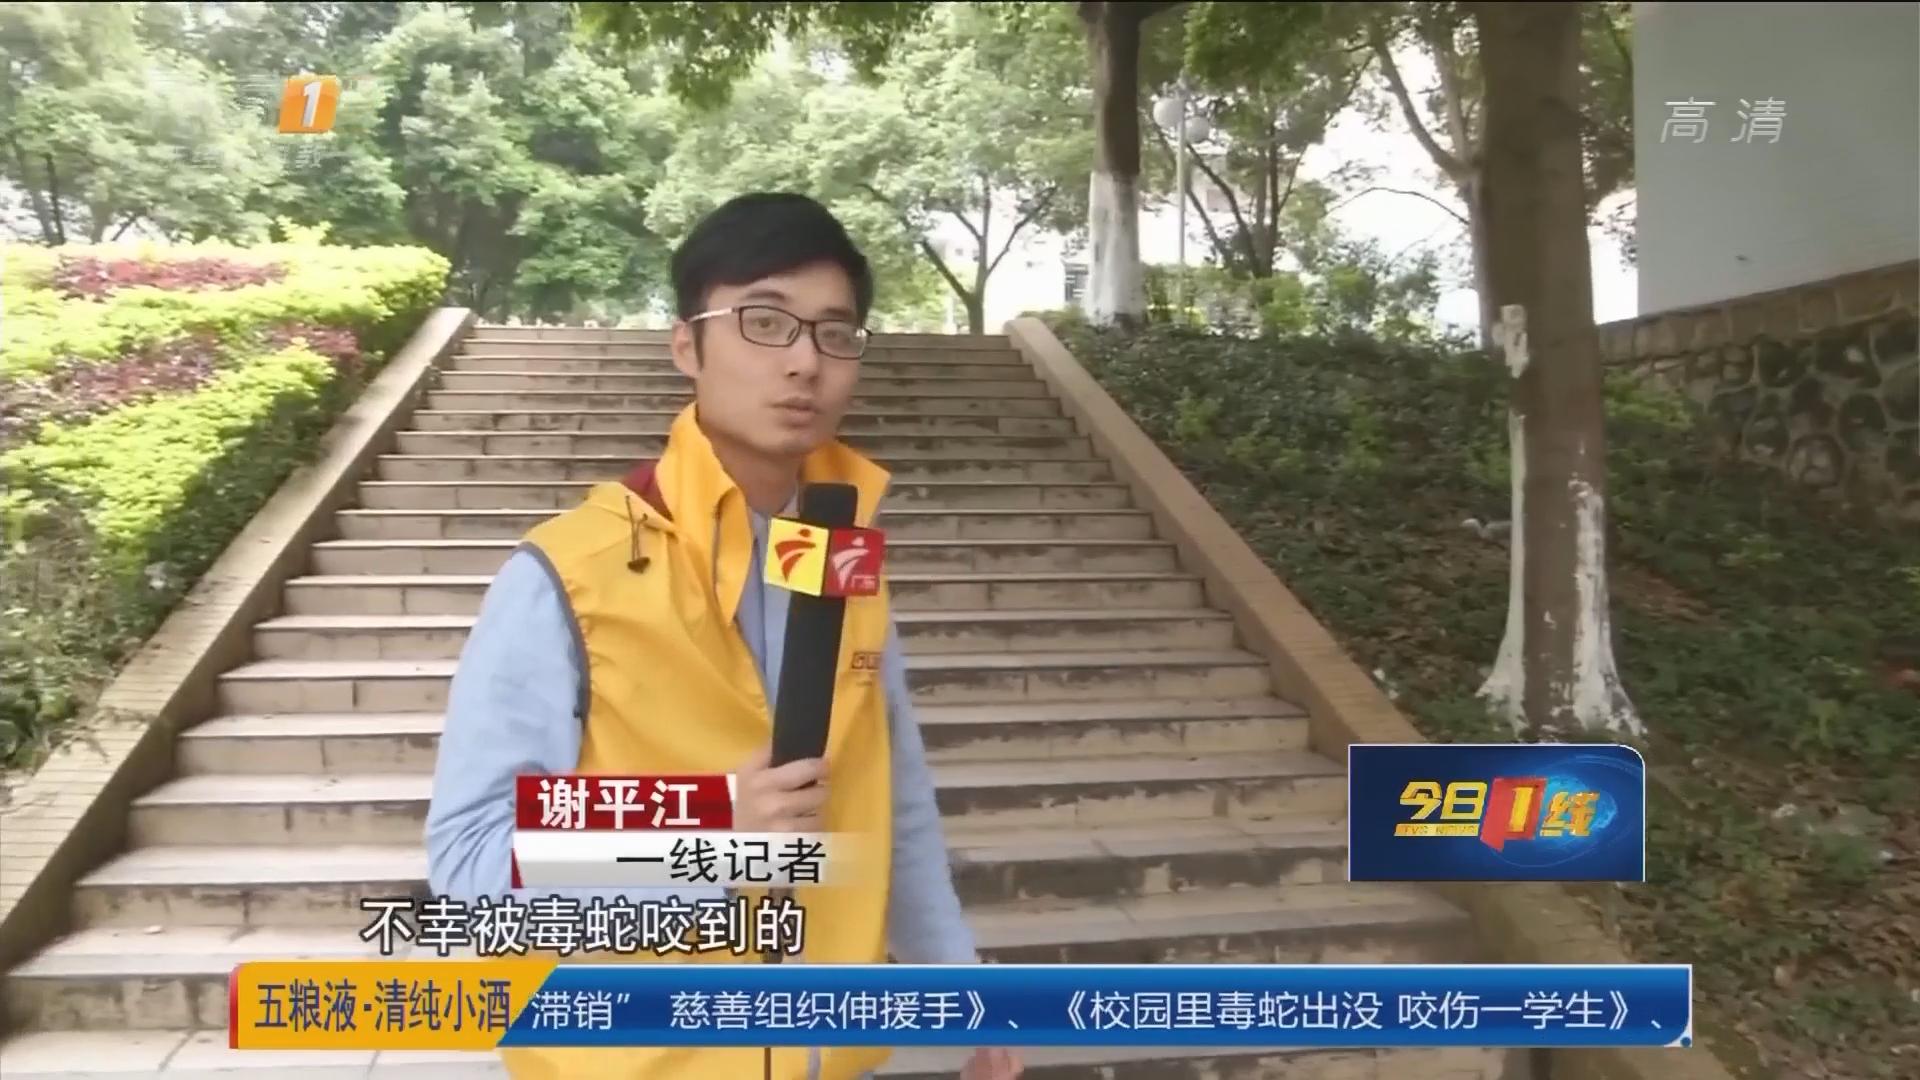 韶关学院:校园里毒蛇出没 咬伤一学生